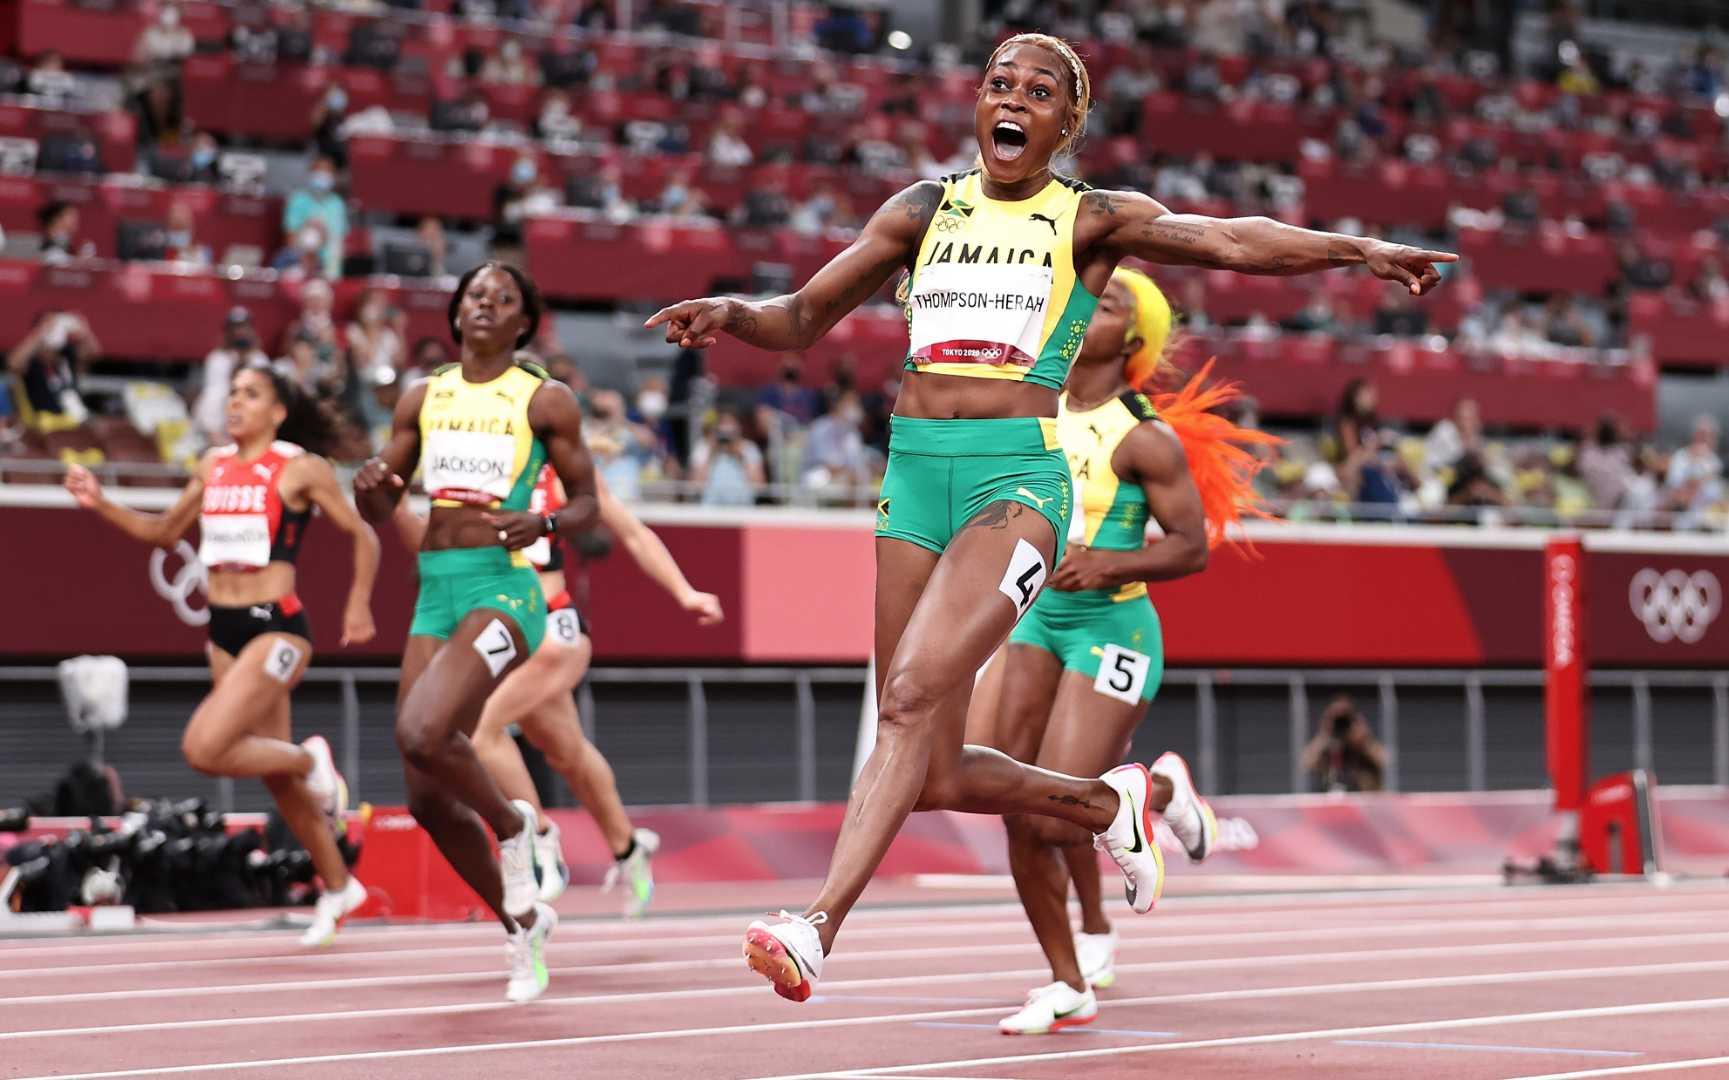 Tokyo 2020 : Elaine Thompson (Jamaïque) 100 m féminin : 10 s 61 à 0,62 s du record mondial